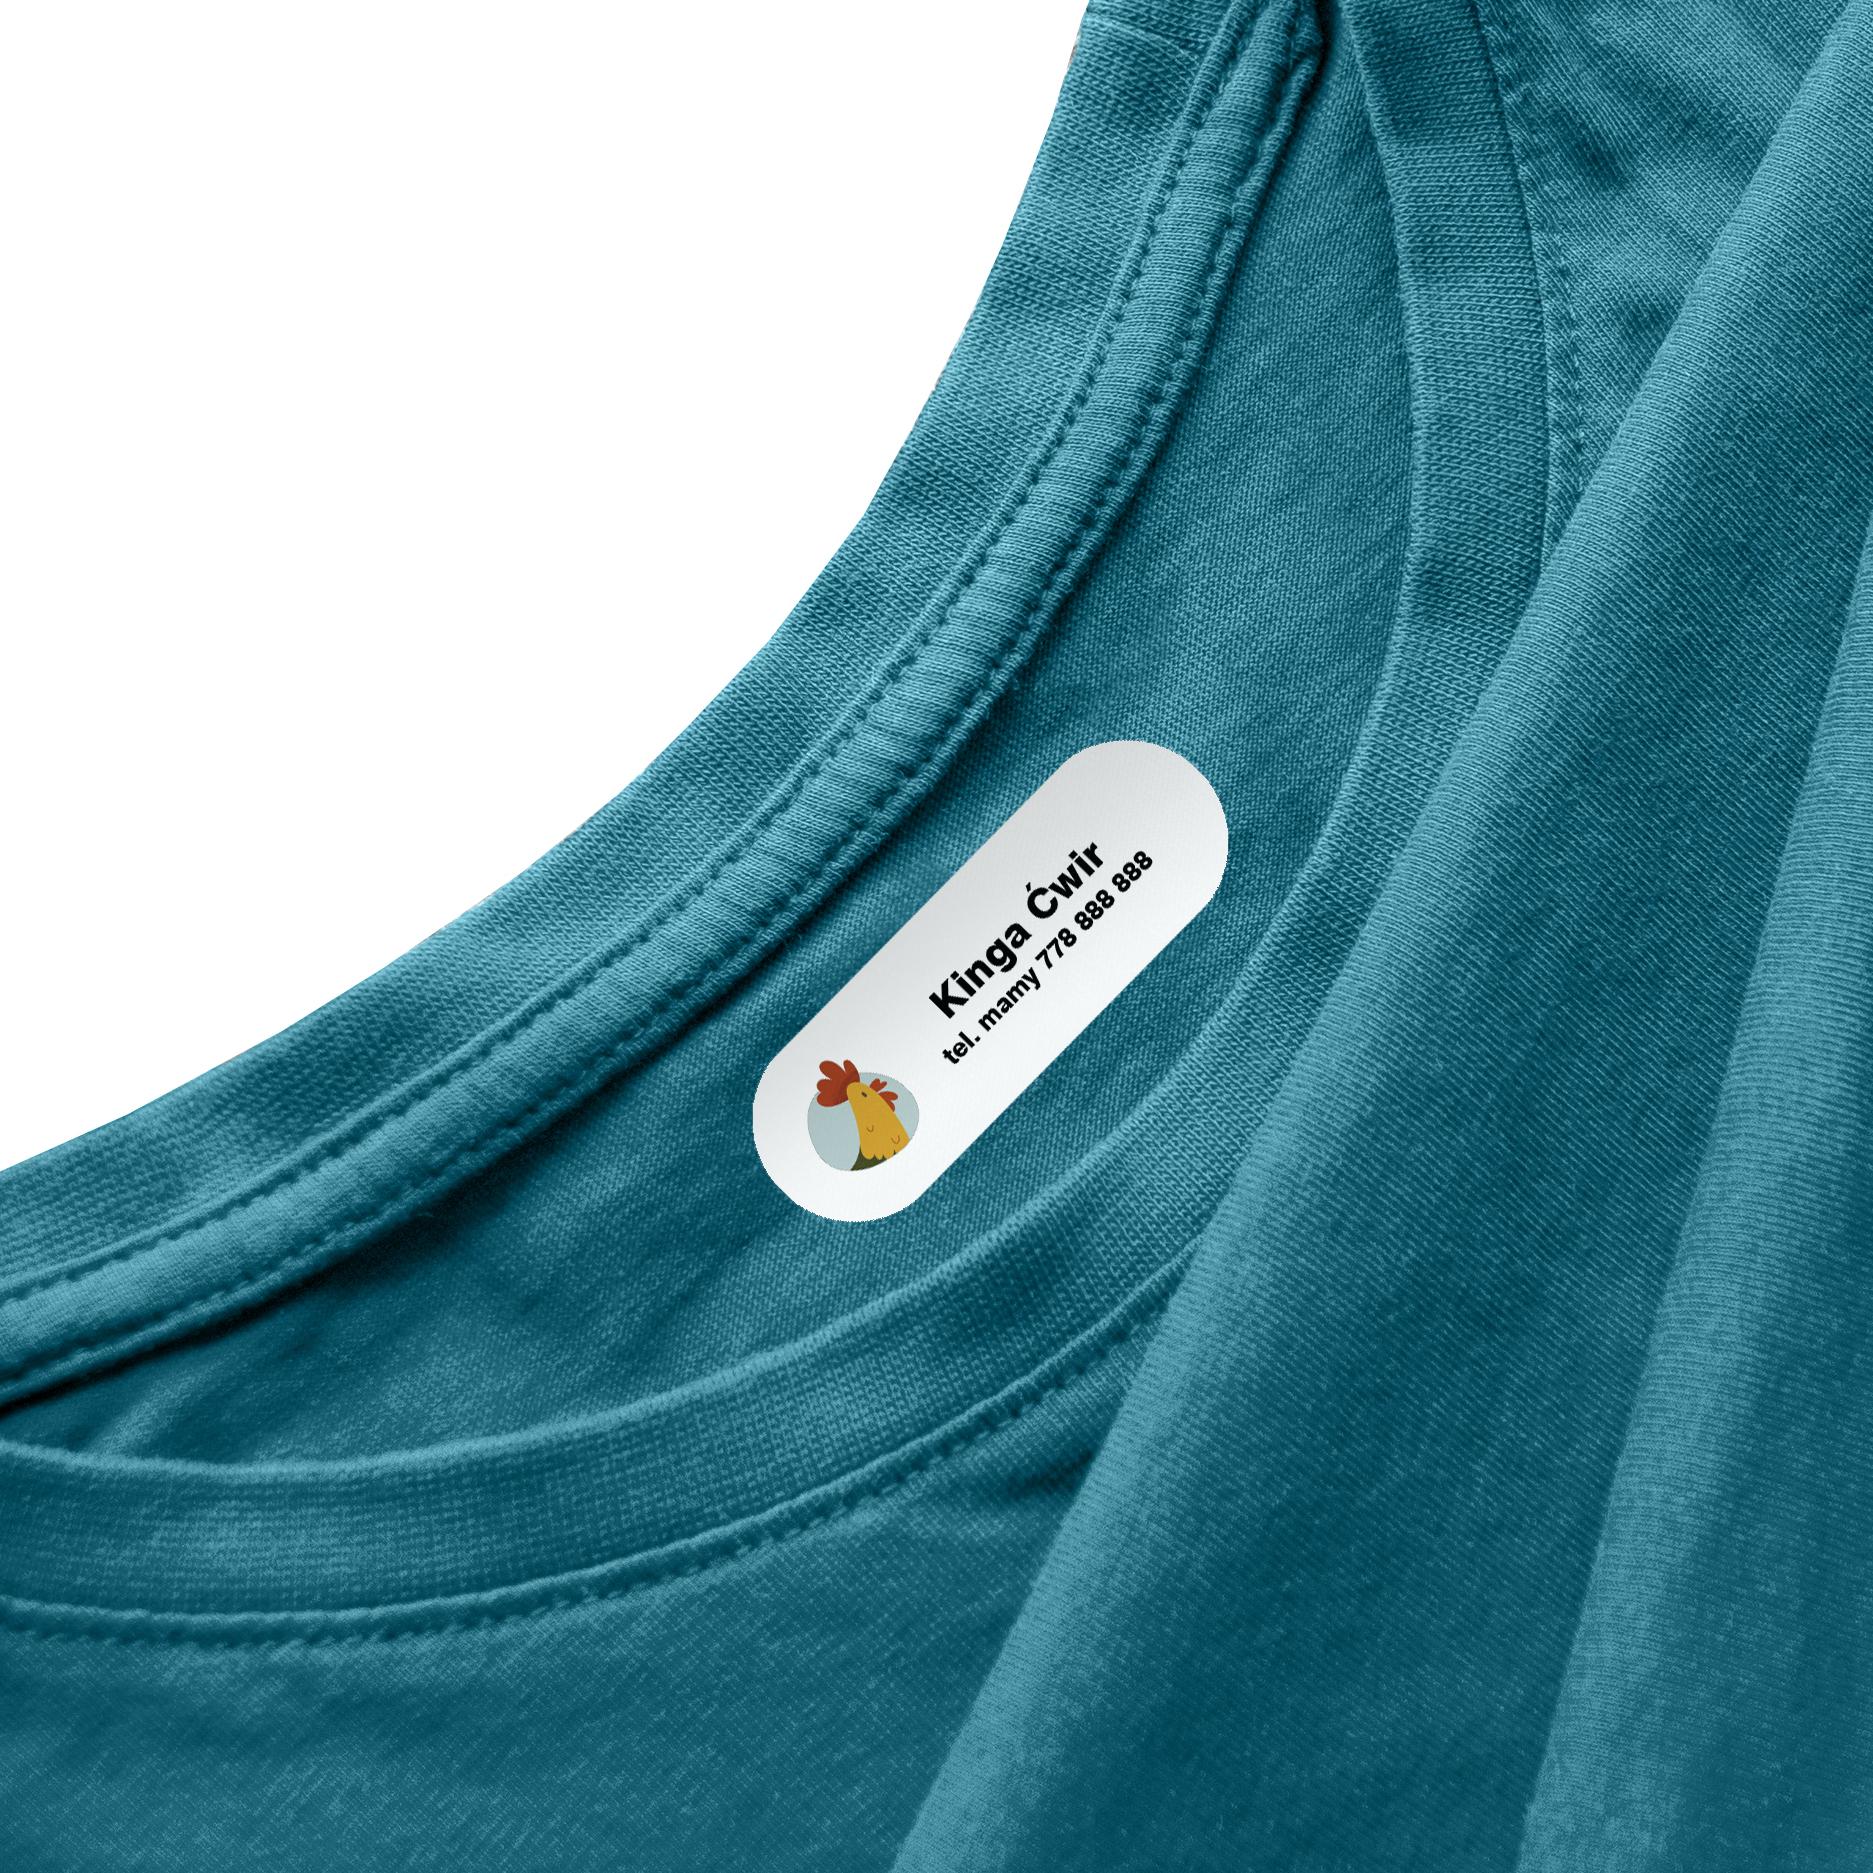 Naprasowanki na ubrania naprasowanka imienna metki dla dziecka kogut